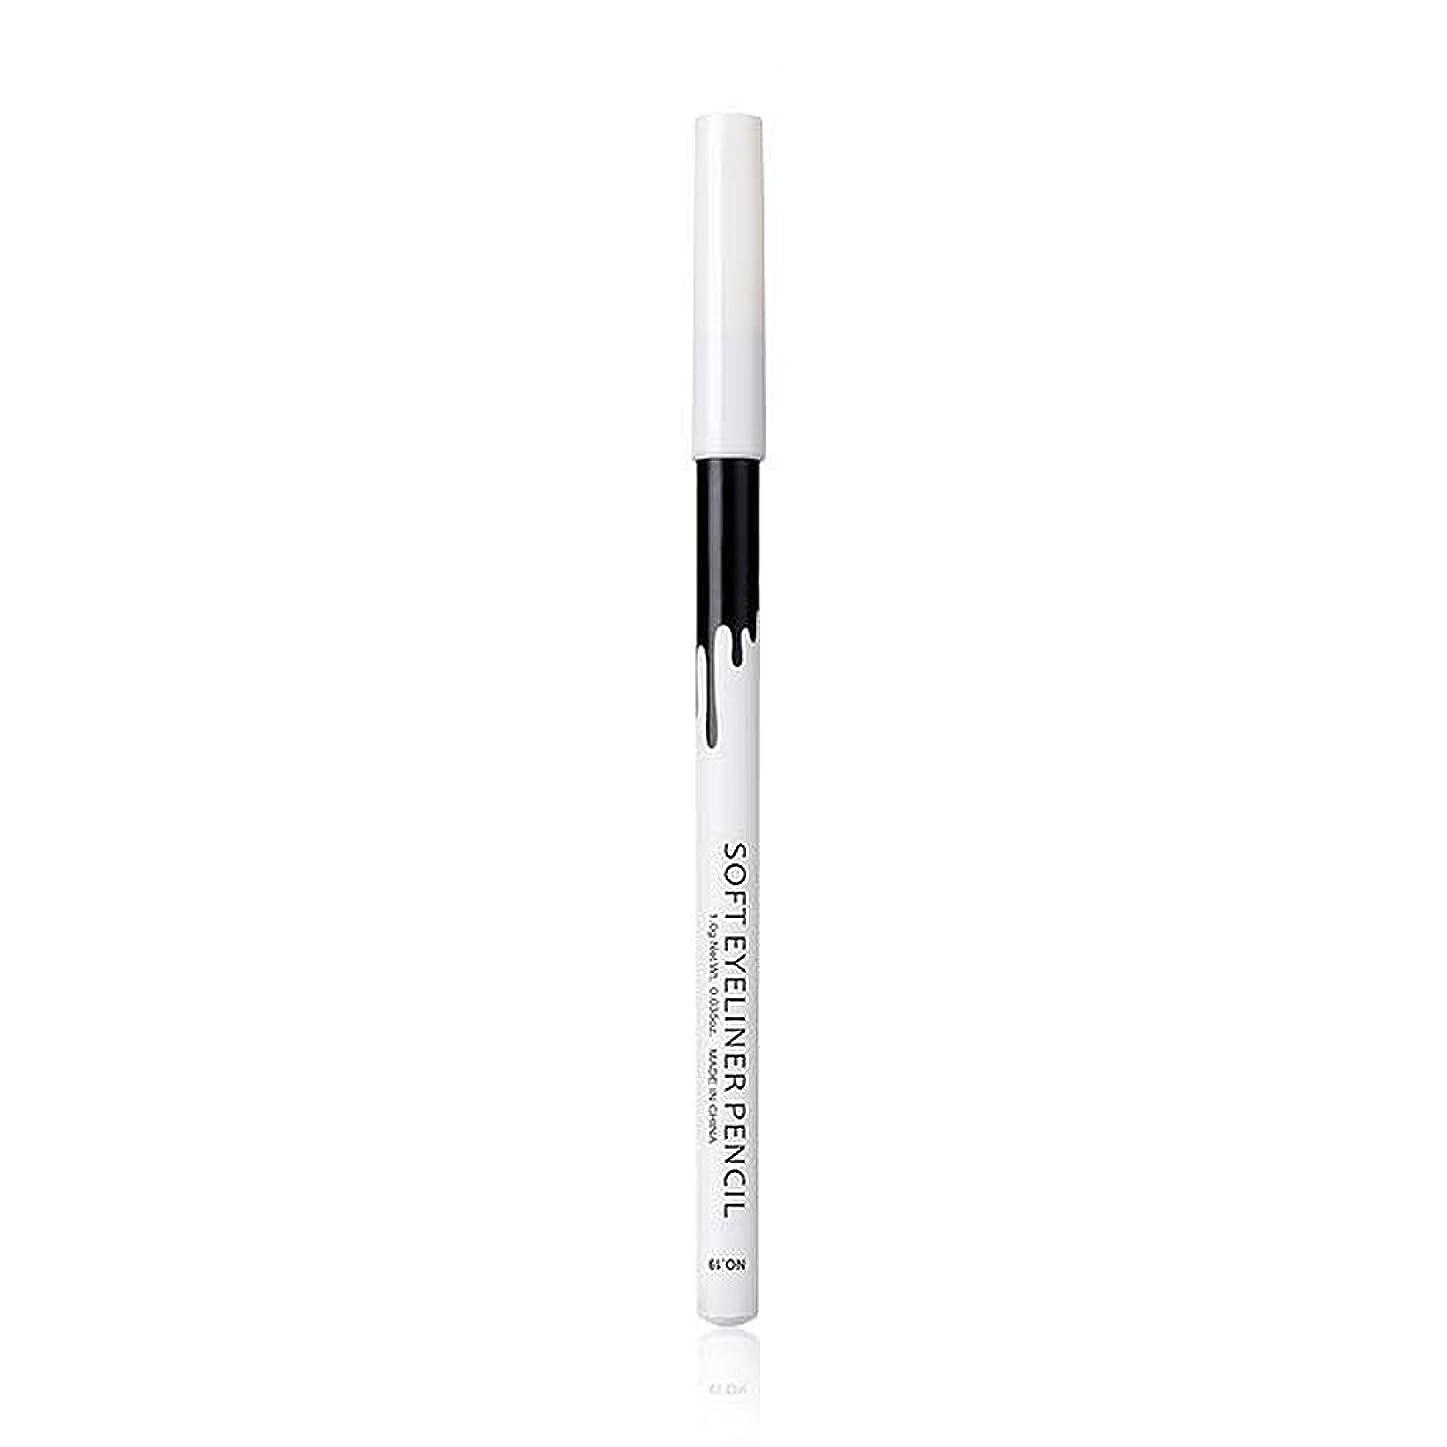 探す地域のたくさんKOROWAホワイトアイライナー 白ハイライト鮮やかな発色 明るい目もと 発色アイシャドウ 防水リップペンシル コスメペンシル 落ちにくい長持ち 化粧初心者